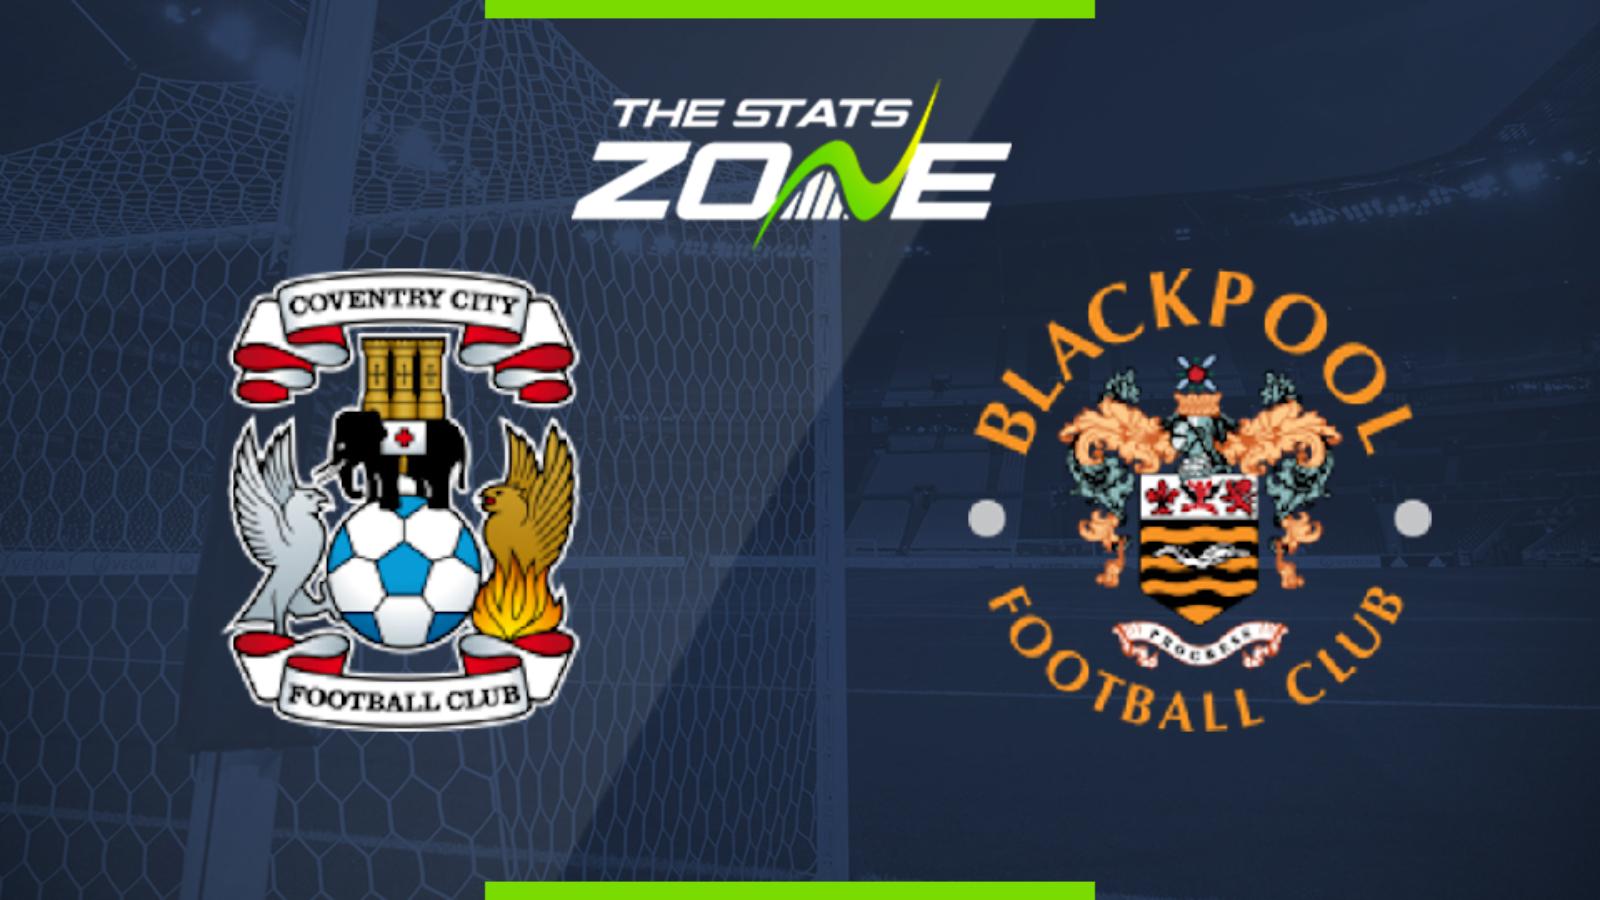 Kết quả hình ảnh cho Coventry vs Blackpool